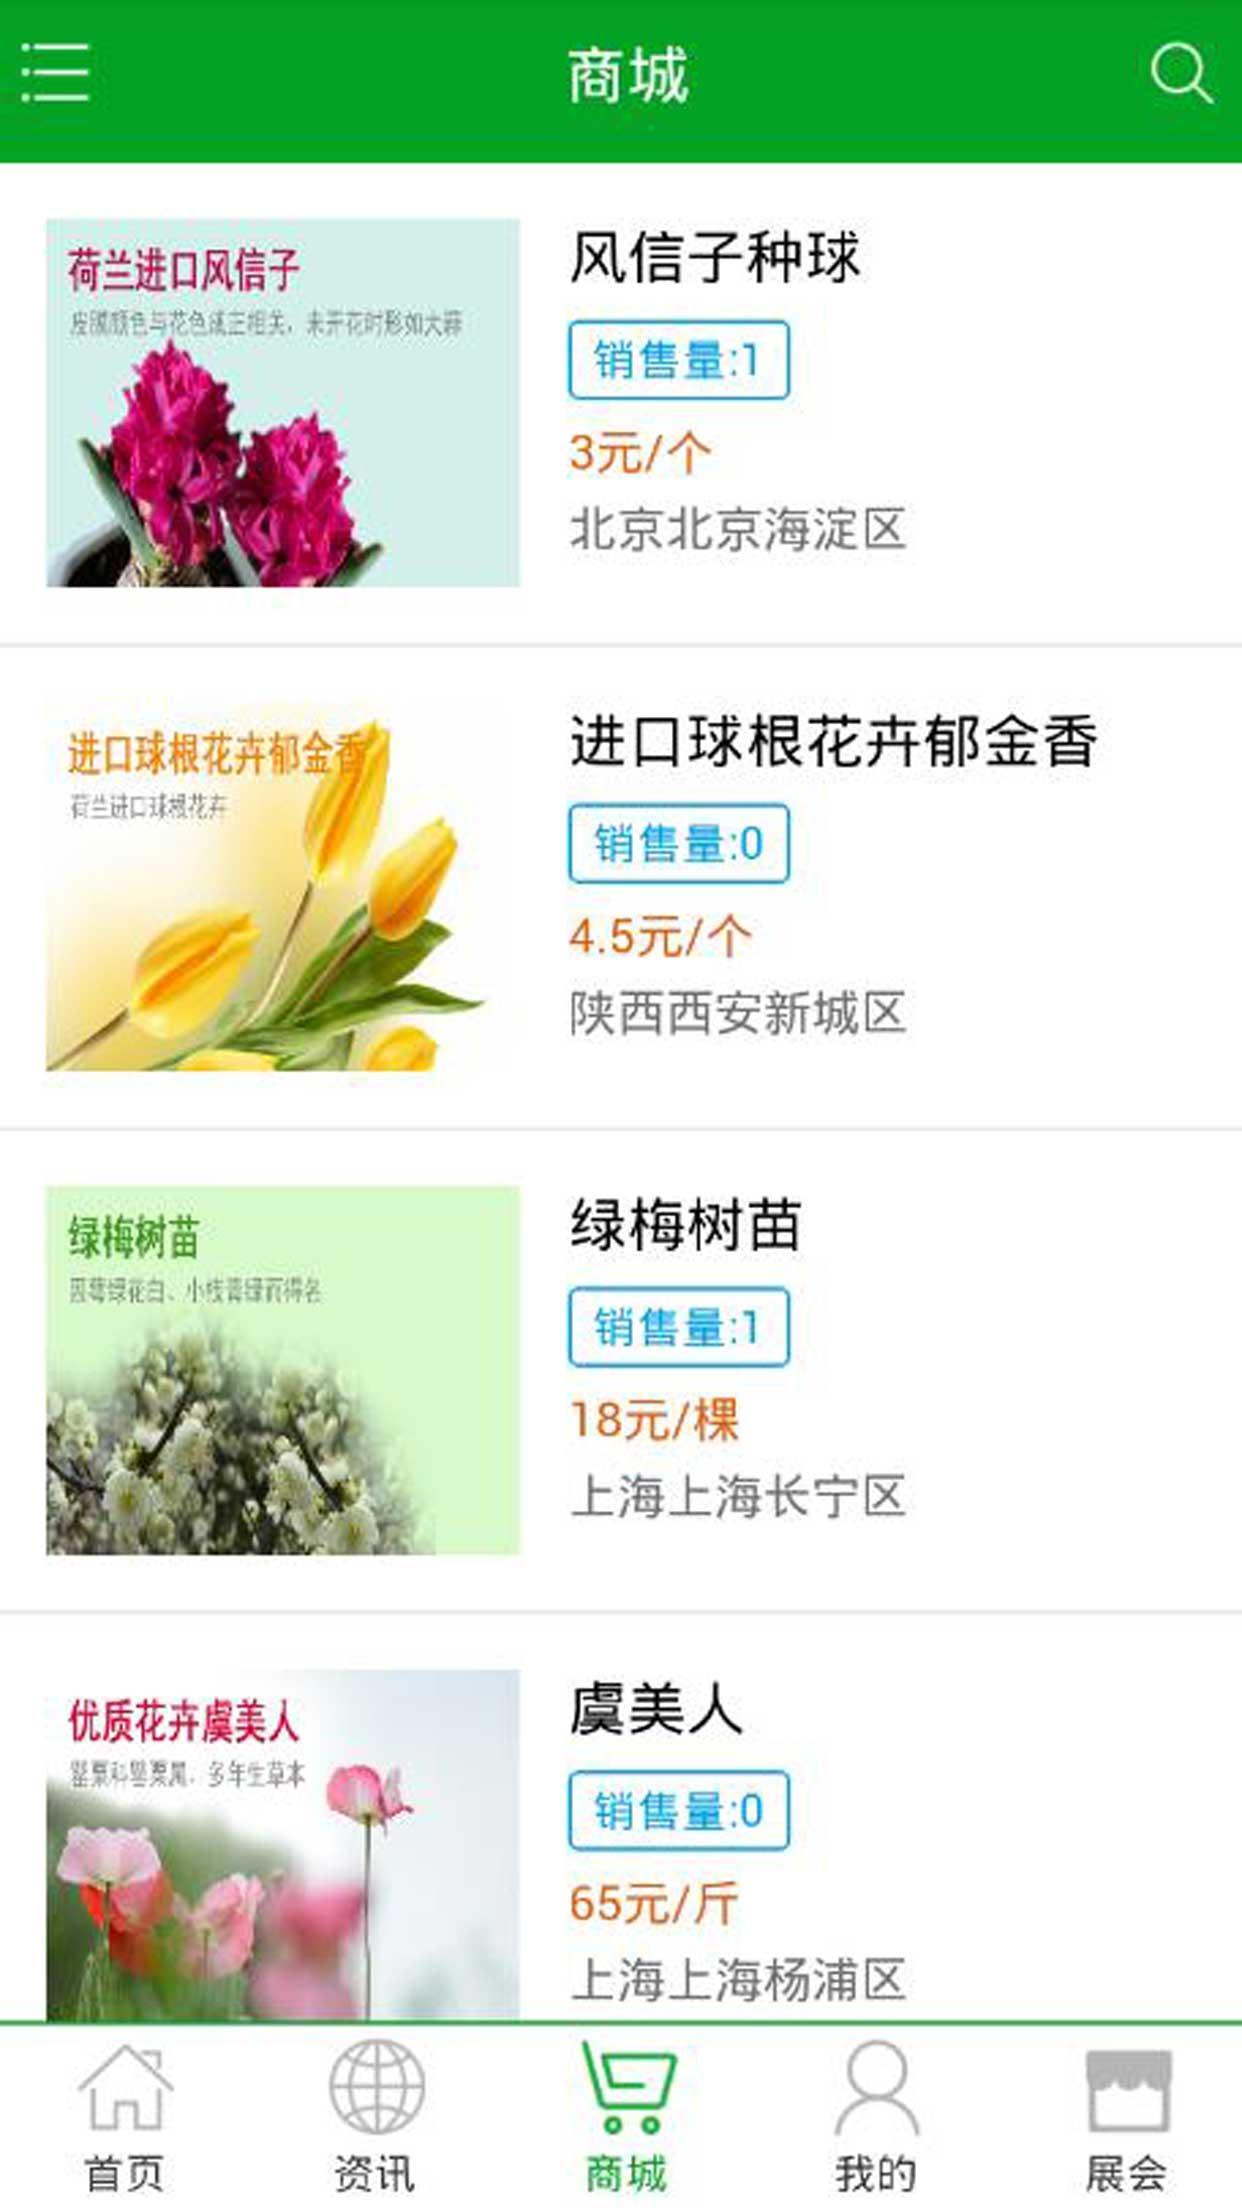 中国景观 V10.0.16 安卓版截图3